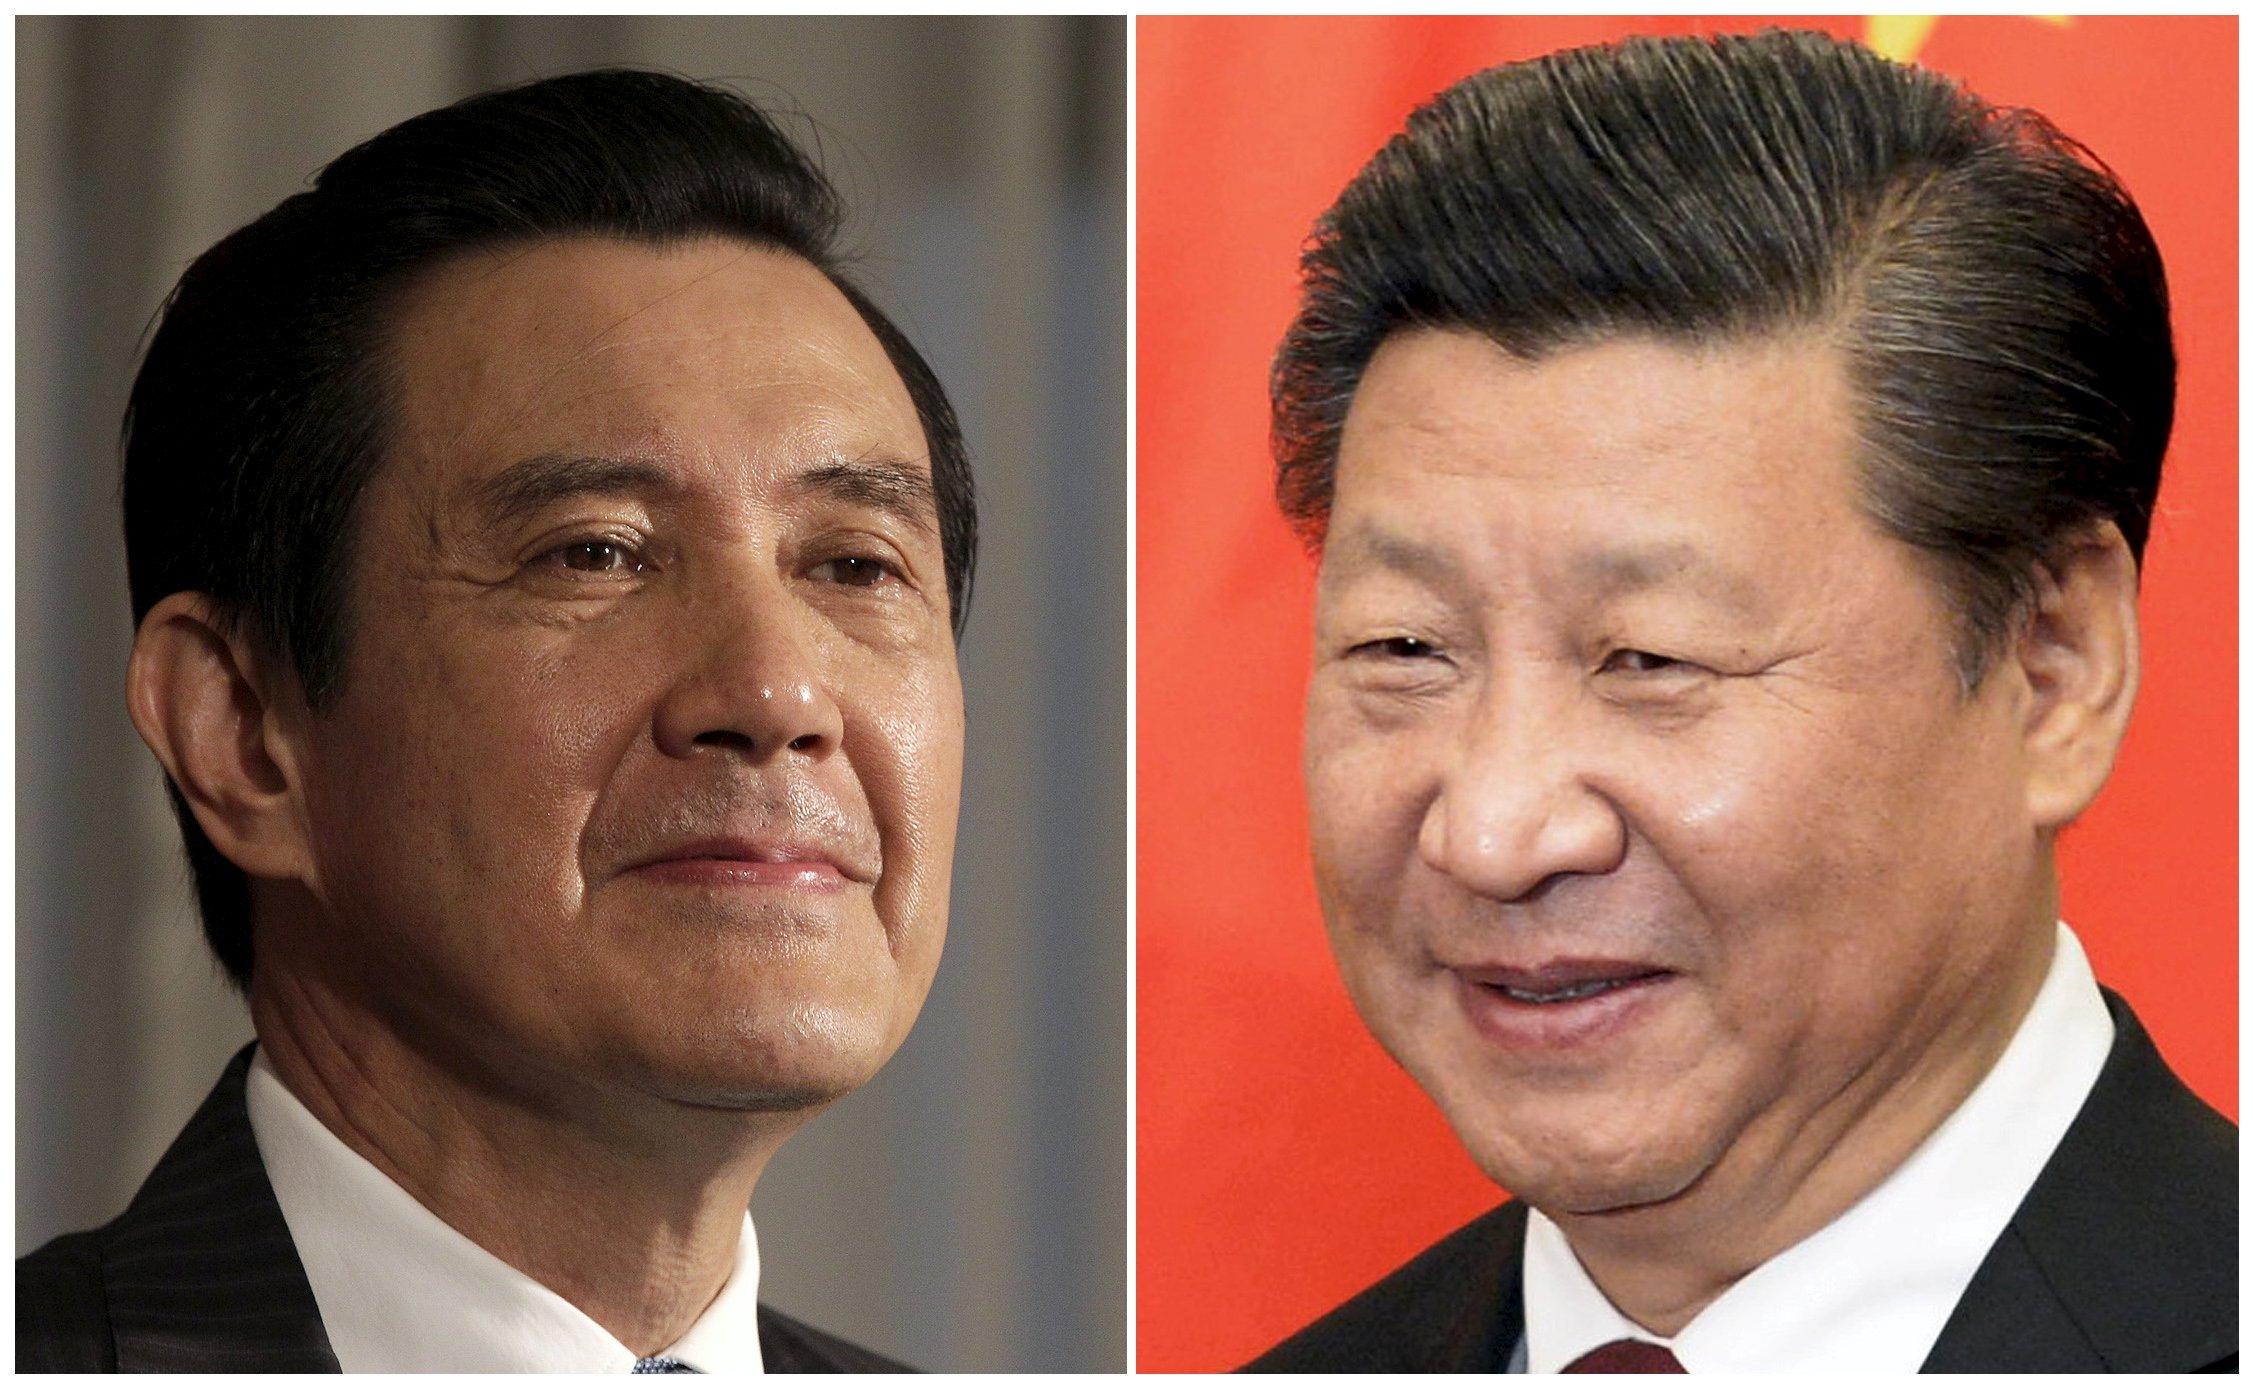 Kombinasi foto menampilkan Presiden Taiwan Ma Ying-jeou (kiri) mendengarkan pertanyaan saat wawancara dengan Reuters di Kantor Kepresidenan di Taipei, arsip foto tanggal 1 Juni 2012, dan Presiden Tiongkok Xi Jinping (kanan) tersenyum sebelum pertemuan di Wisma Tamu Diaoyutai di Beijing, Tiongkok, arsip foto tanggal 29 Oktober 2015. Pemimpin Tiongkok dan Taiwan akan bertemu di Singapura, Sabtu (7/11), untuk membahas masalah lintas selat, dalam pertemuan pertama para pemimpin dari kedua negara sejak perang sipil Tiongkok berakhir tahun 1949. REUTERS/Pichi Chuang/Muneyoshi Someya.